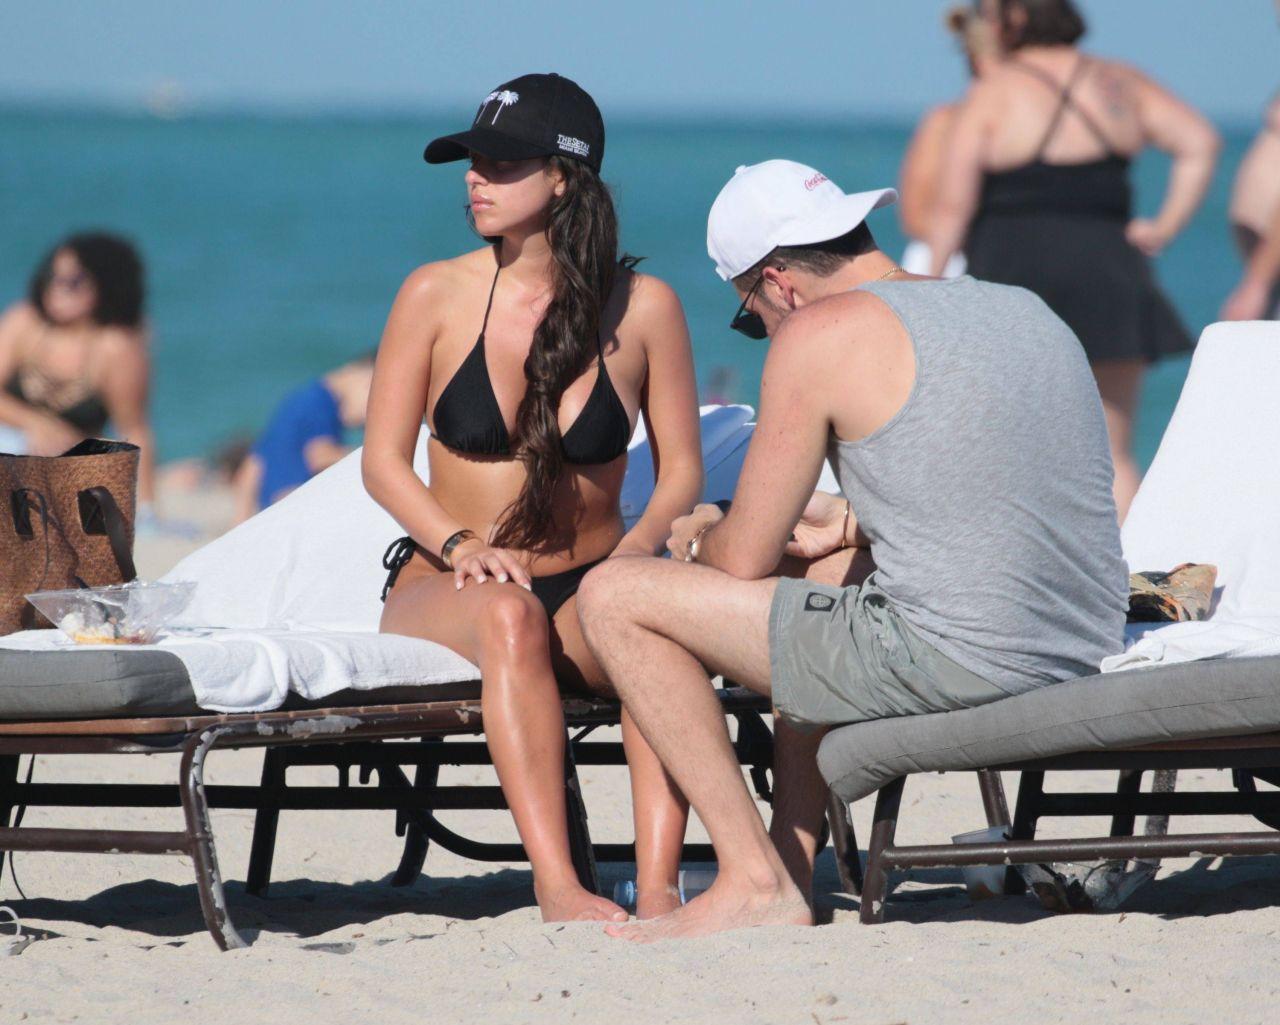 Shira Yaakov in Bikini at the beach in Miami Pic 9 of 35